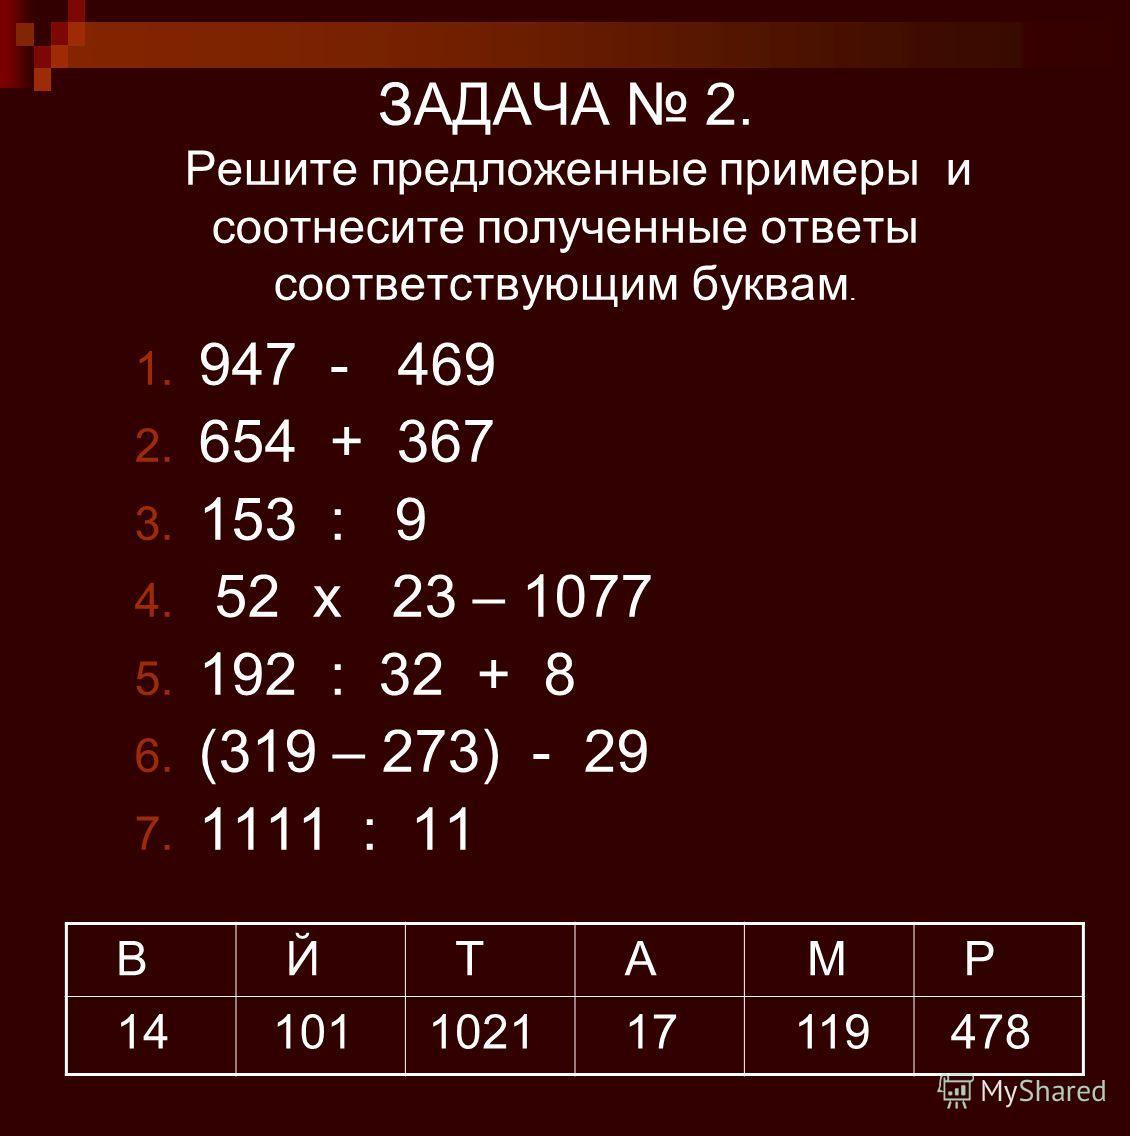 ЗАДАЧА 2. Решите предложенные примеры и соотнесите полученные ответы соответствующим буквам. 1. 947 - 469 2. 654 + 367 3. 153 : 9 4. 52 x 23 – 1077 5. 192 : 32 + 8 6. (319 – 273) - 29 7. 1111 : 11 В Й Т А М Р 14 101 1021 17 119 478